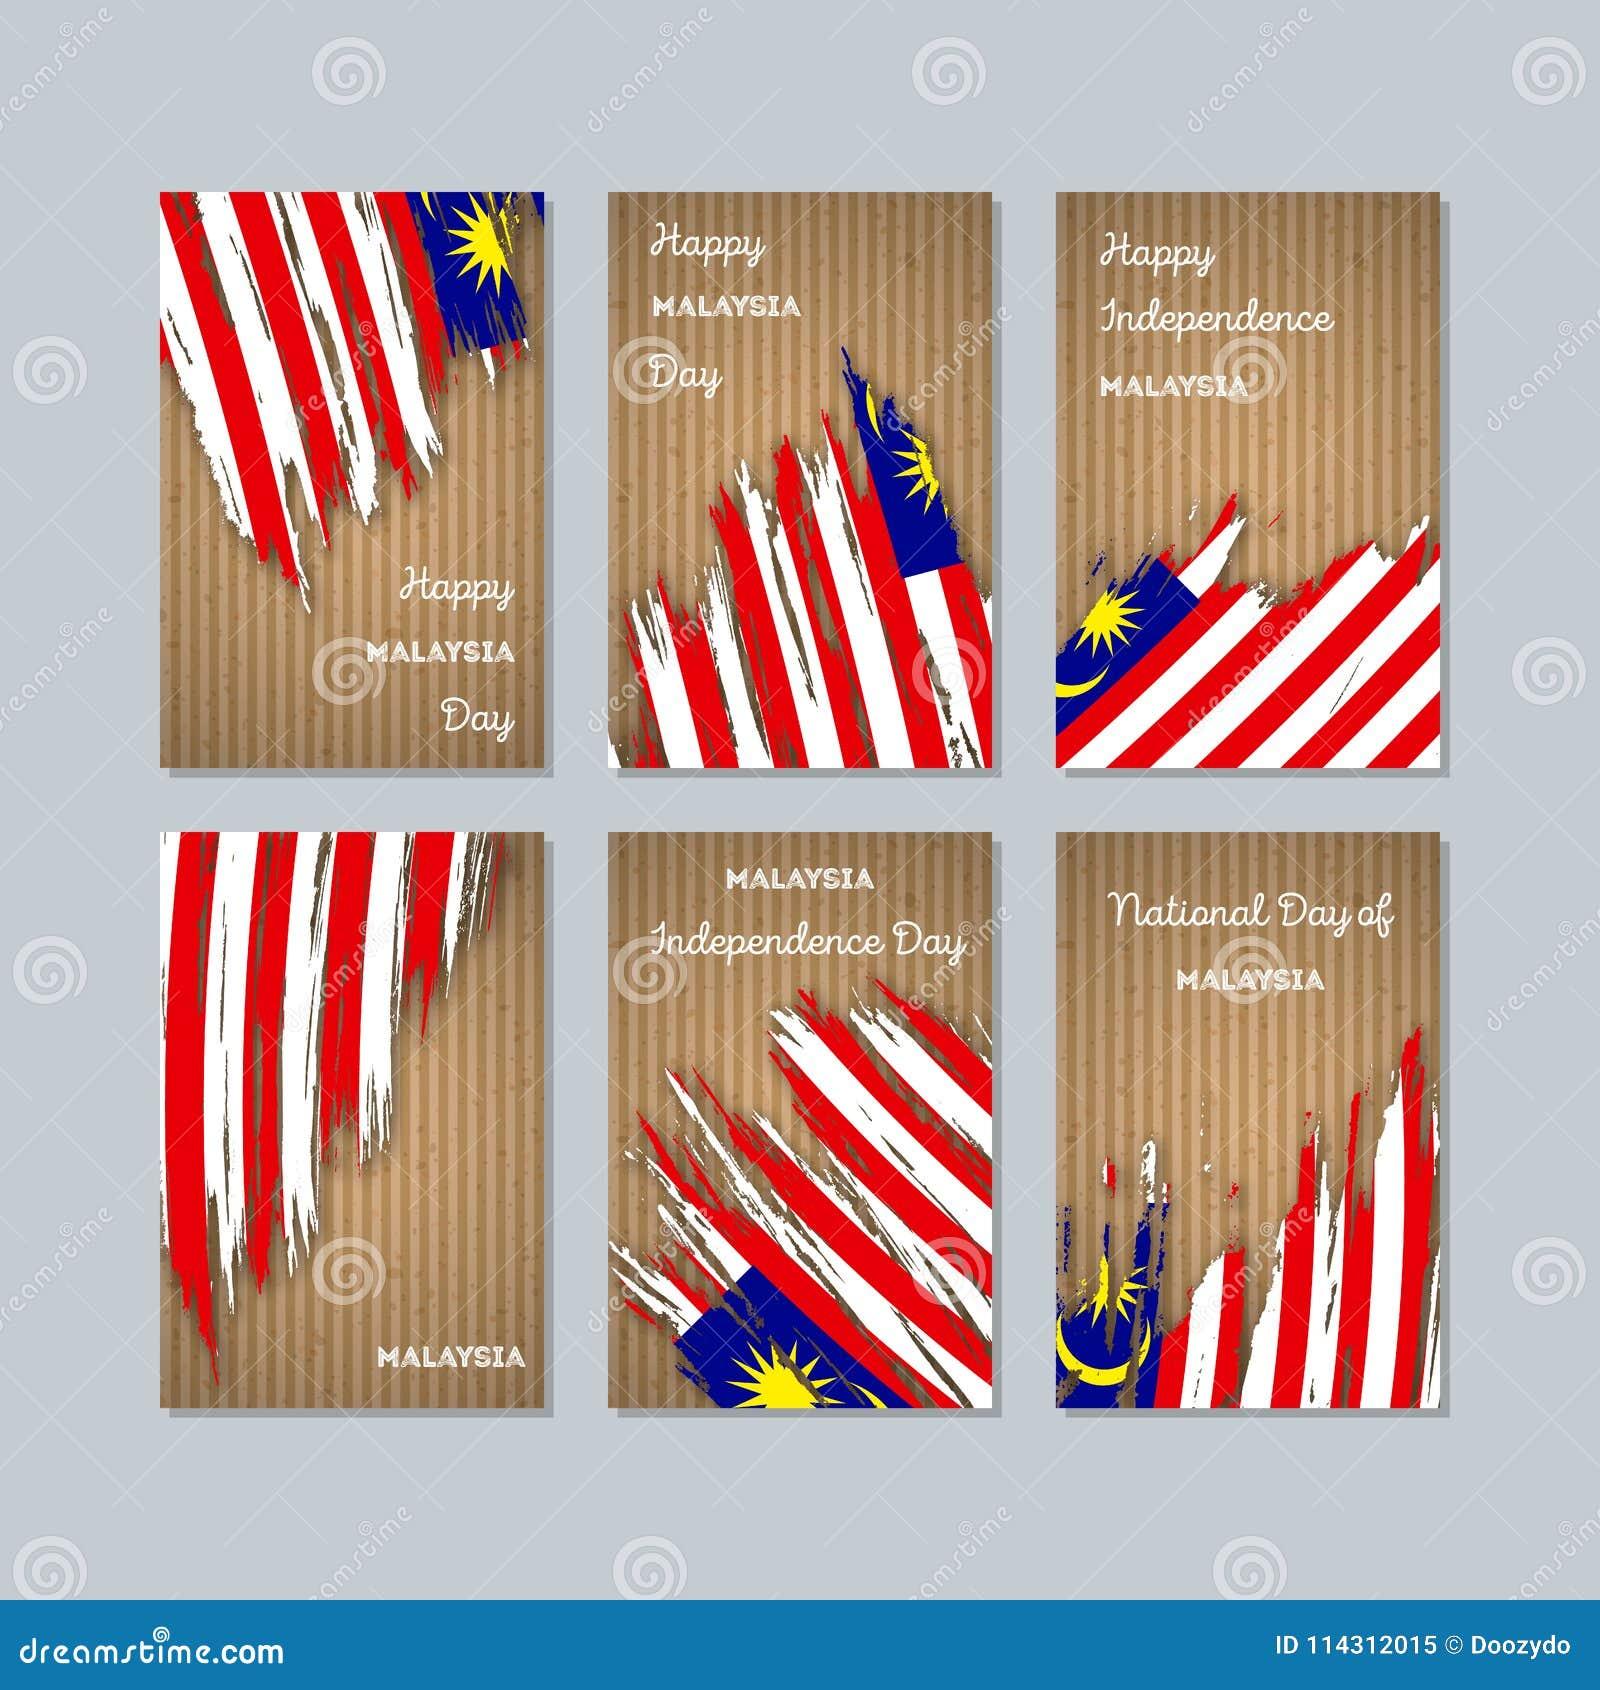 Cartes patriotiques de la Malaisie pour le jour national